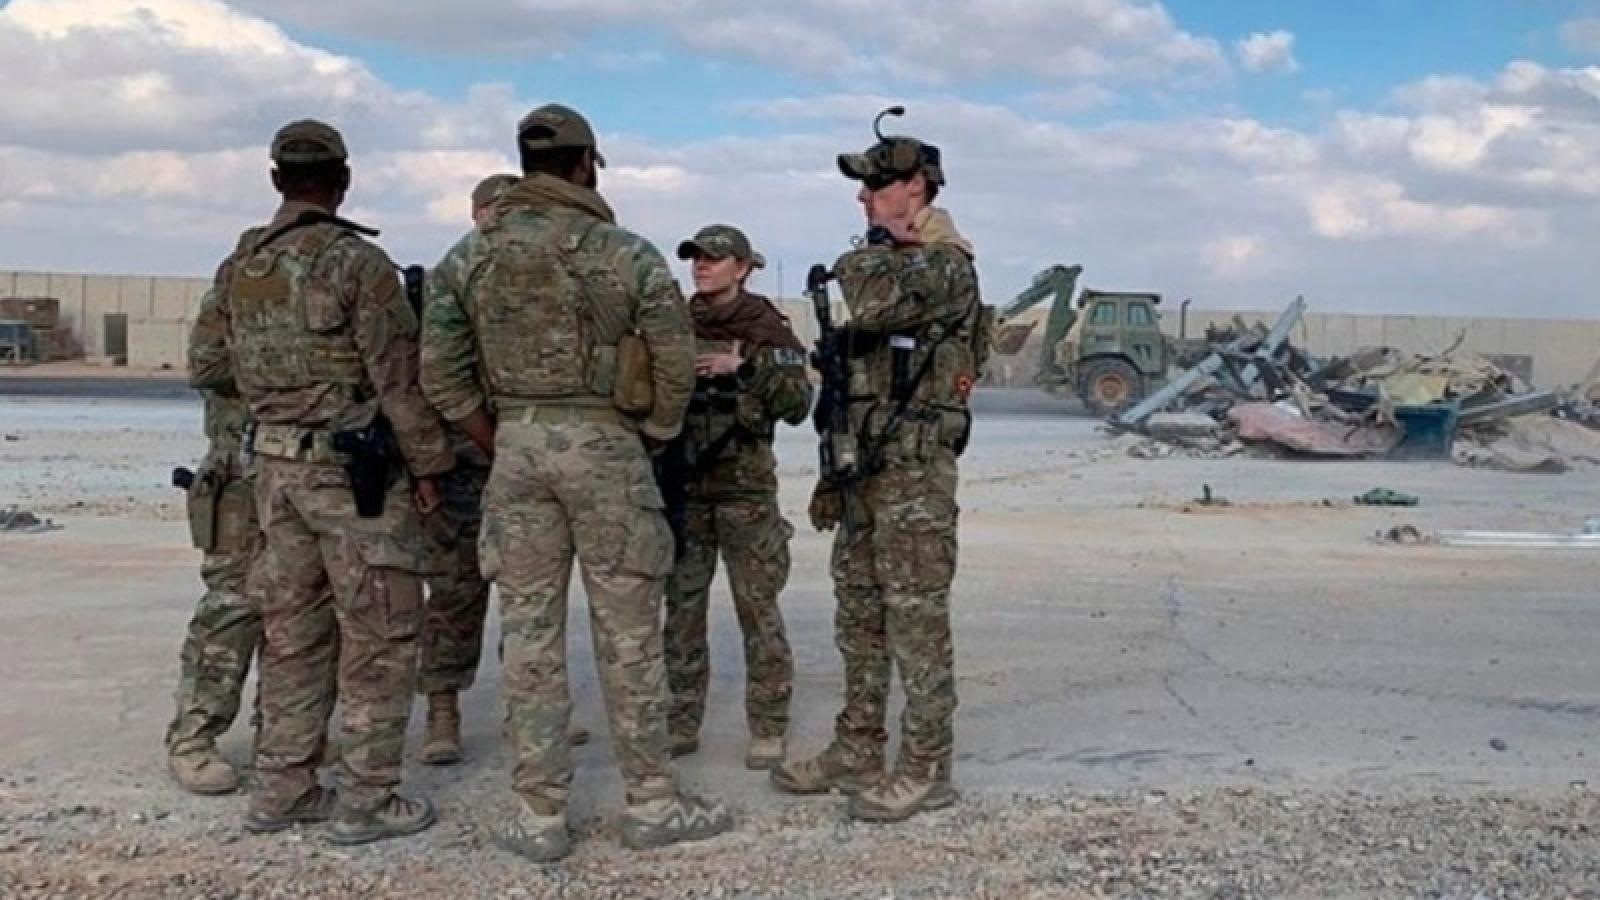 Hiện thực hóa cam kết, Mỹ và đồng minh rút quân khỏi căn cứ quân sự Taji ở Iraq